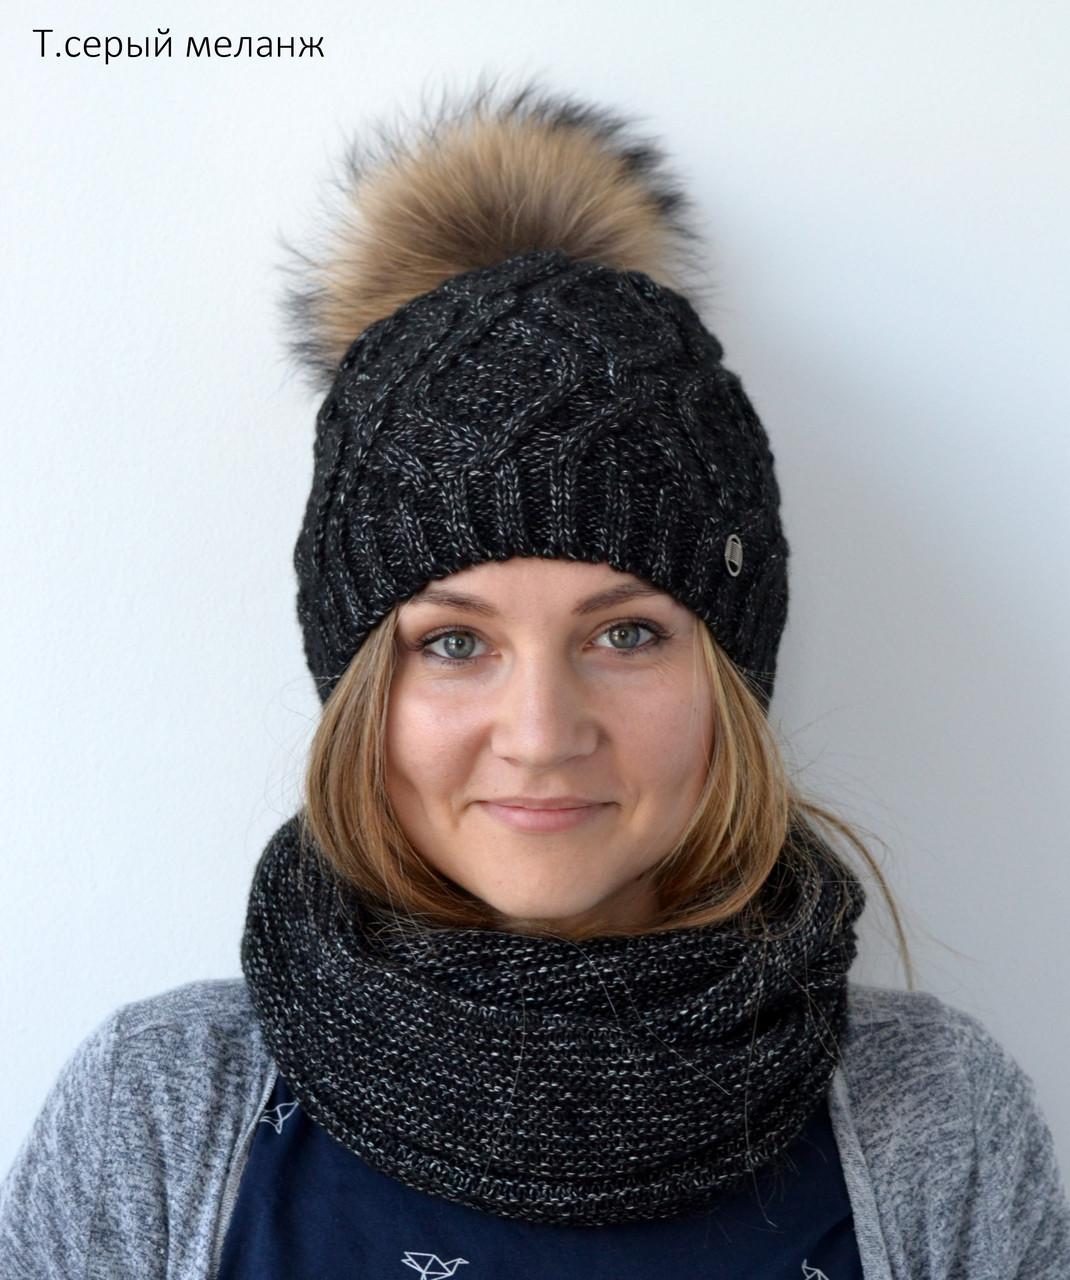 Модная зимняя женская шапка 2018